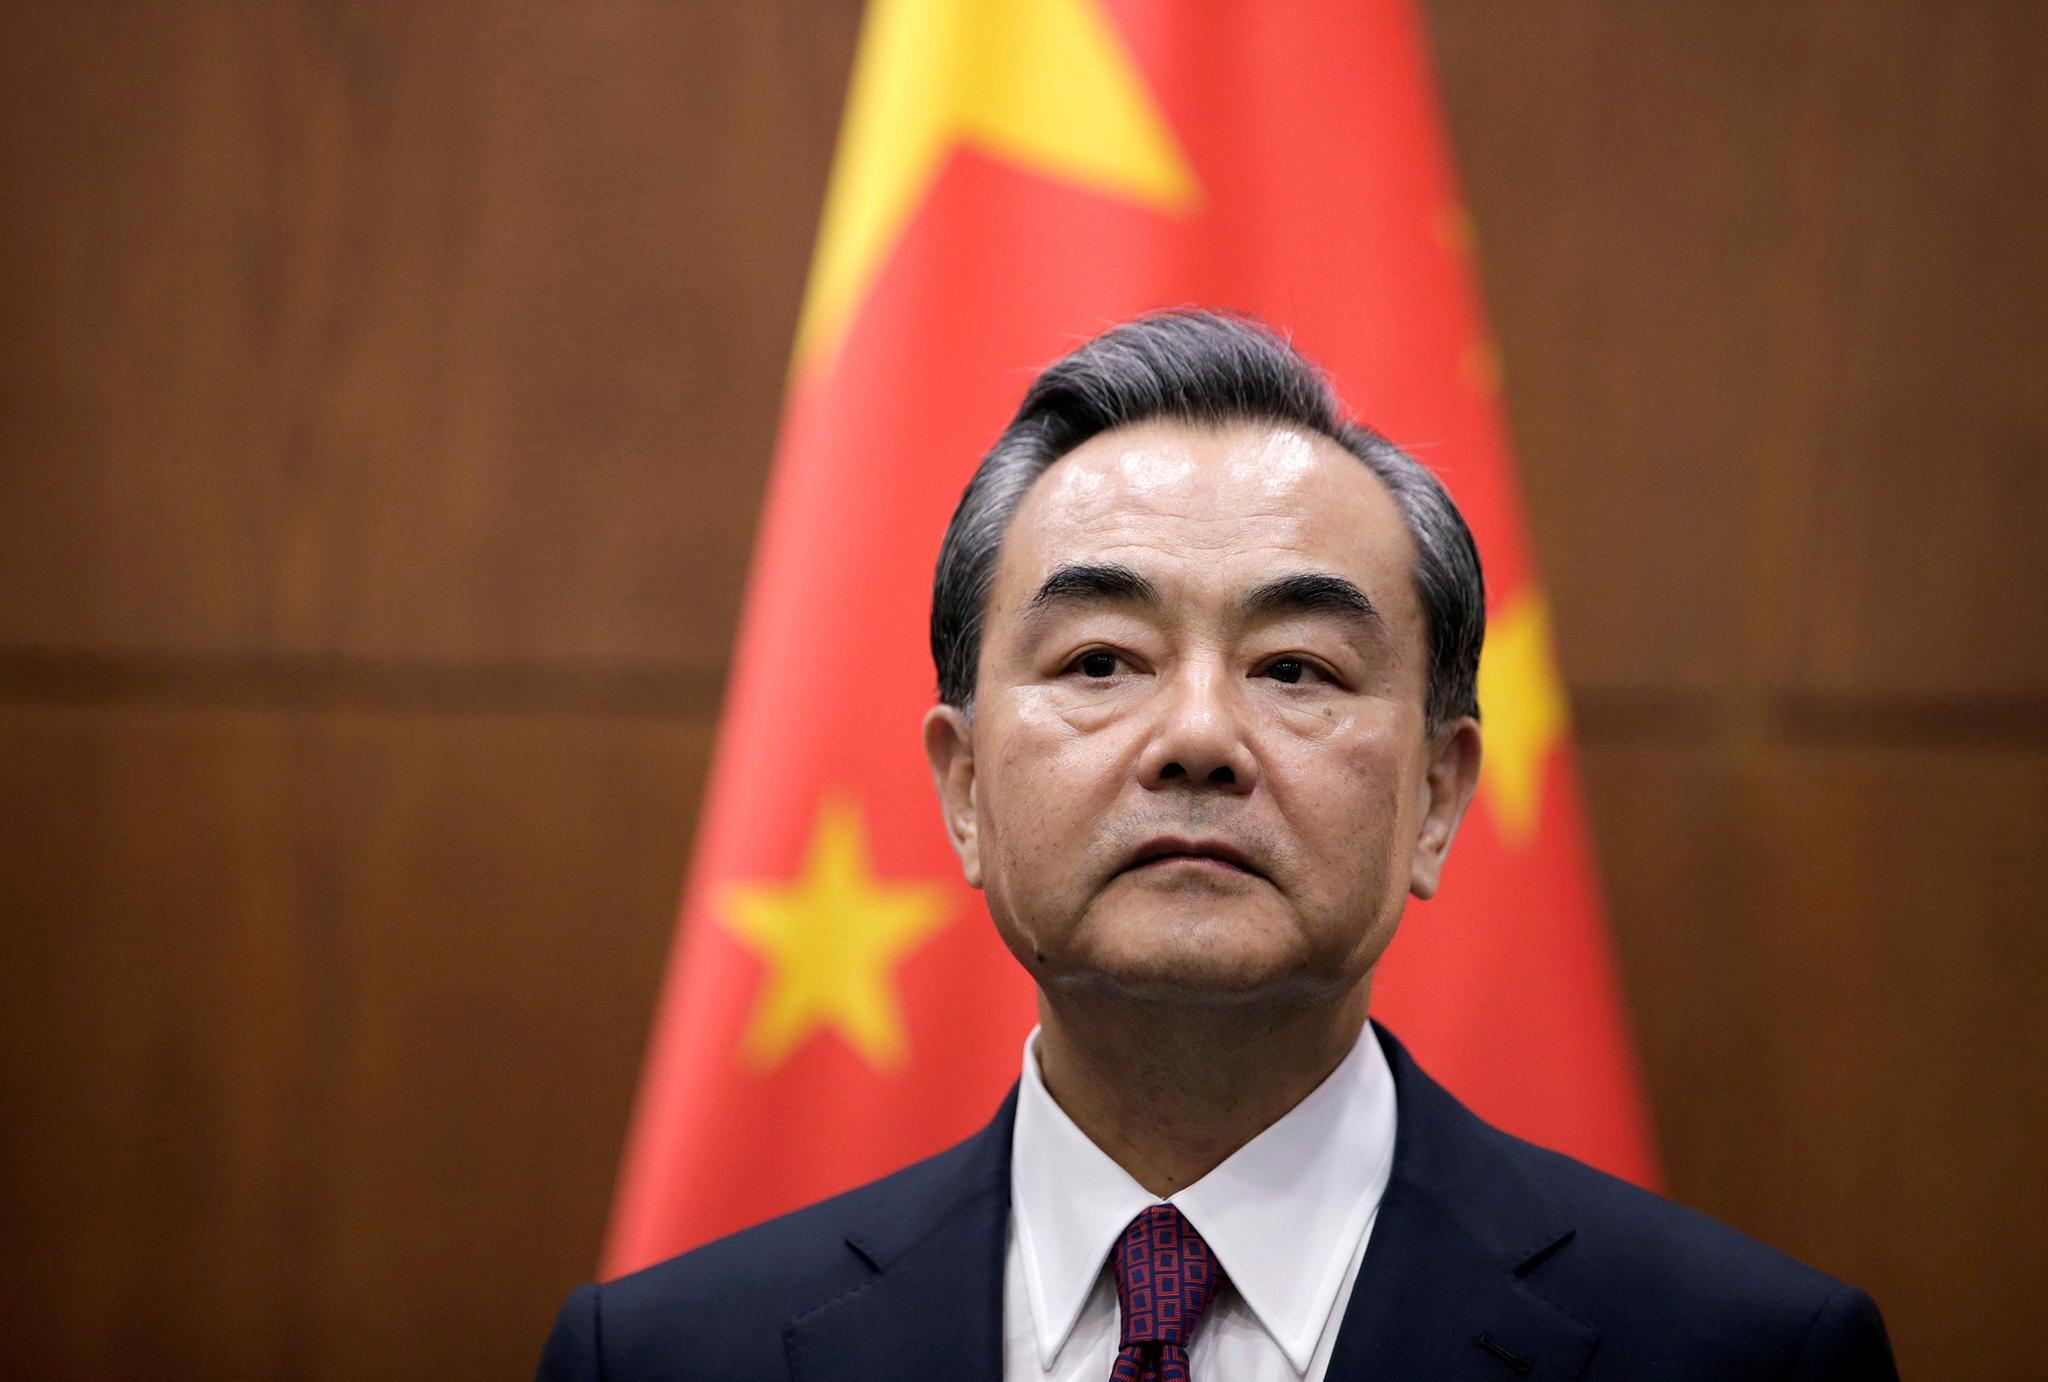 MNE chinês no Japão para negociar retoma de viagens e questões regionais